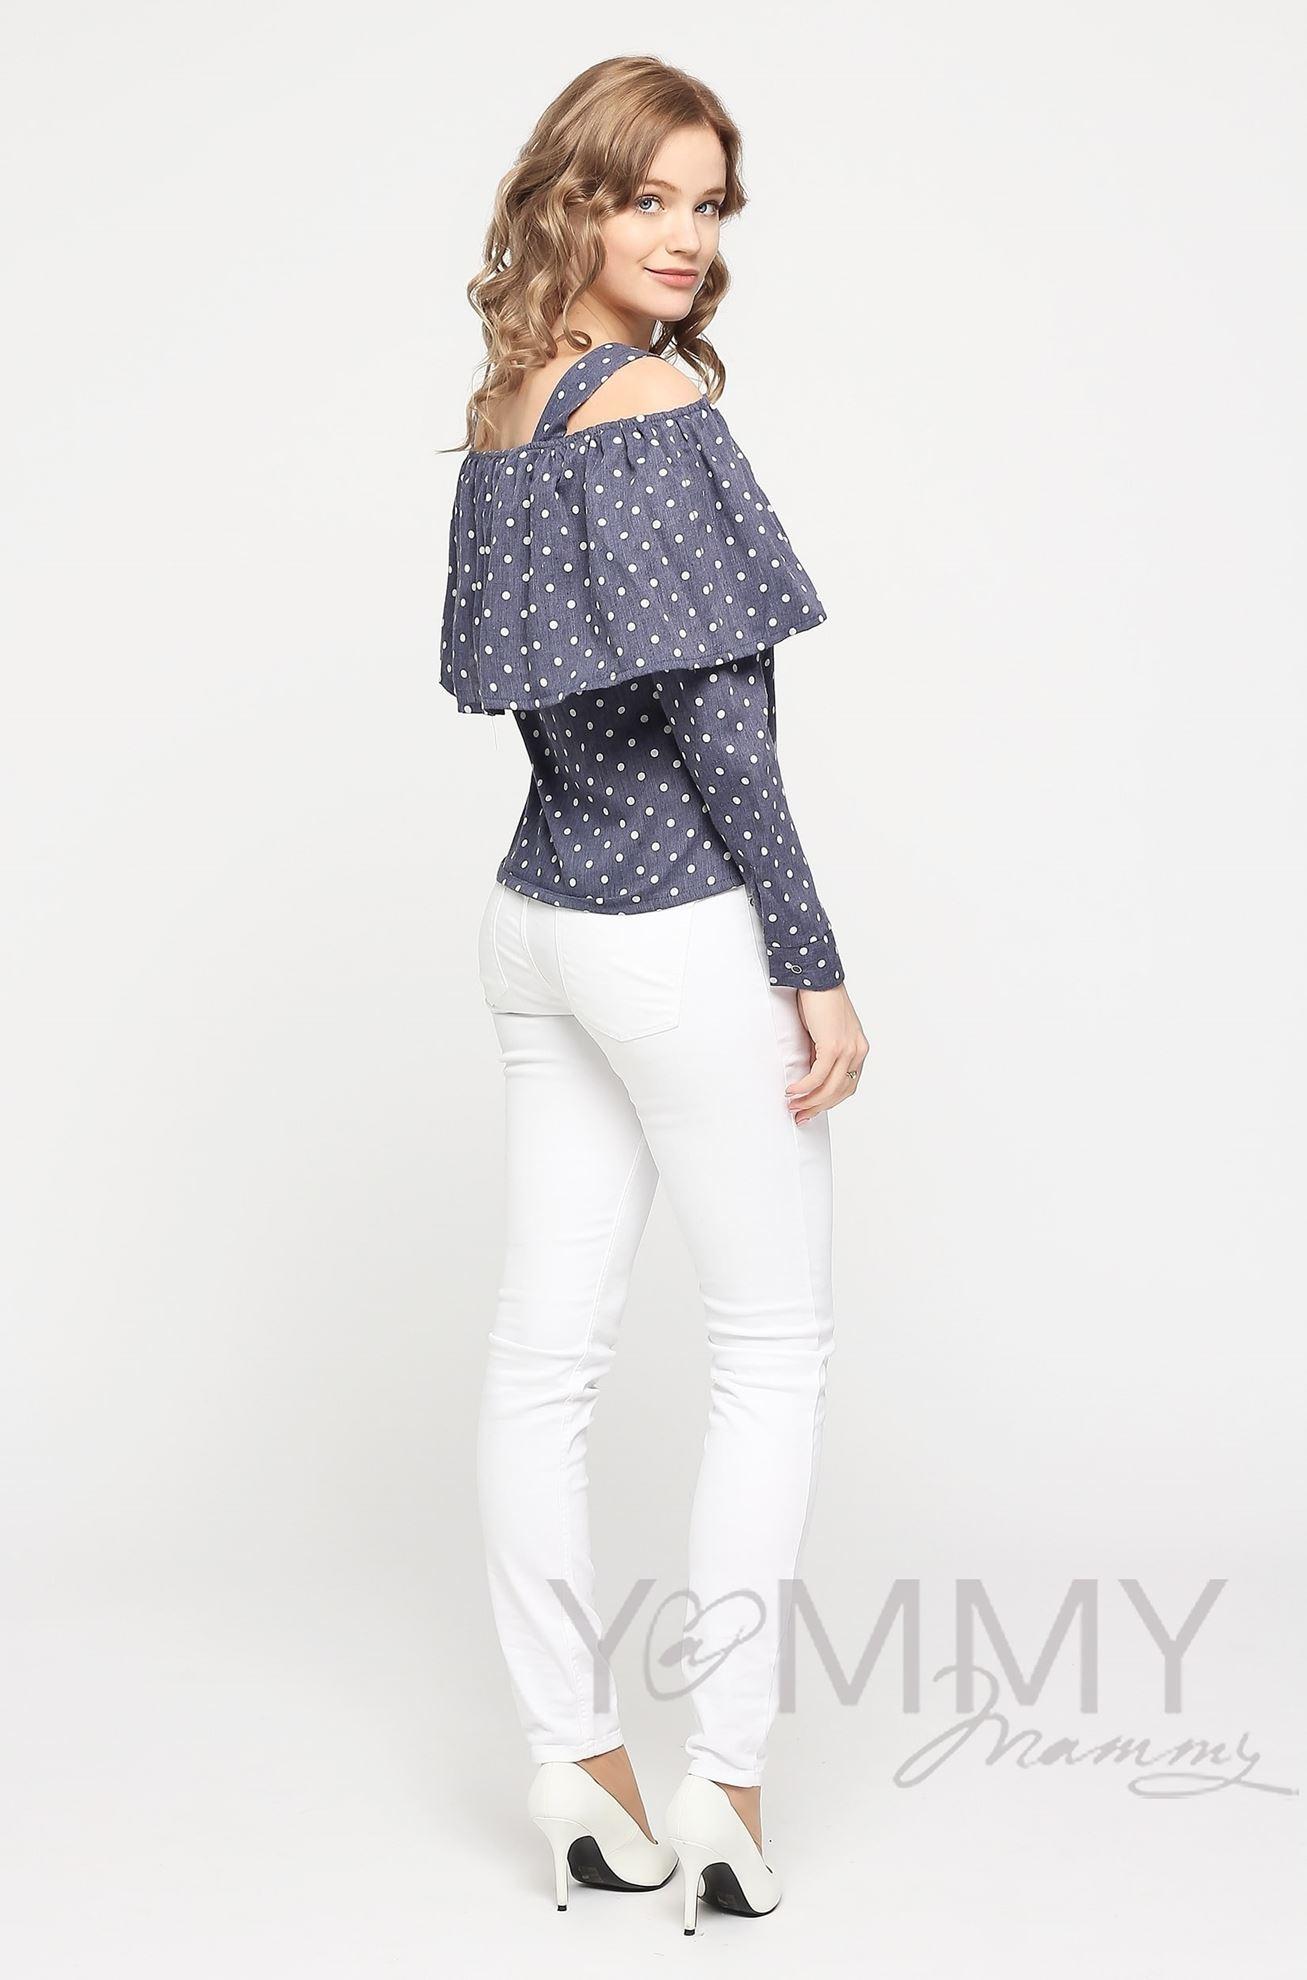 Изображение                               Блуза с воланом синяя в горох